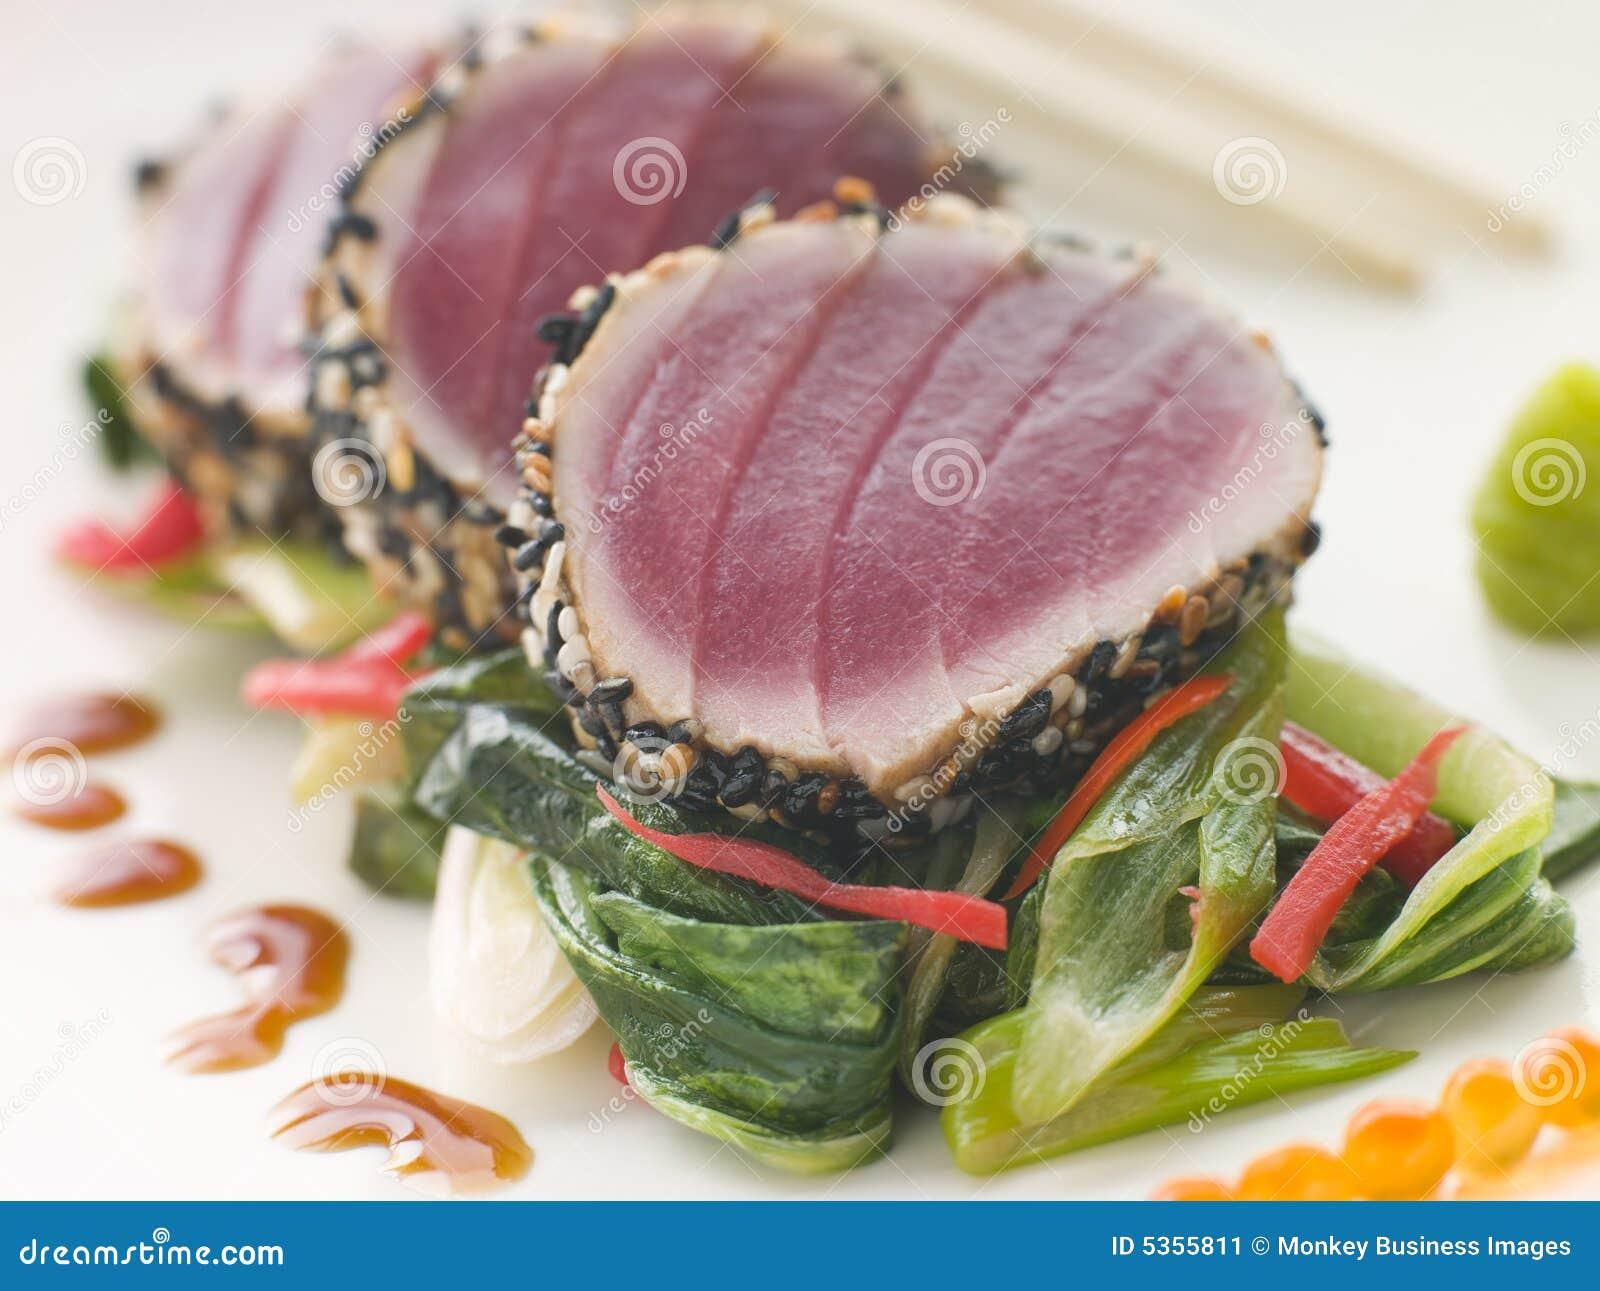 Seared Yellow Fin Tuna with Sesame Seeds Sweet Fri